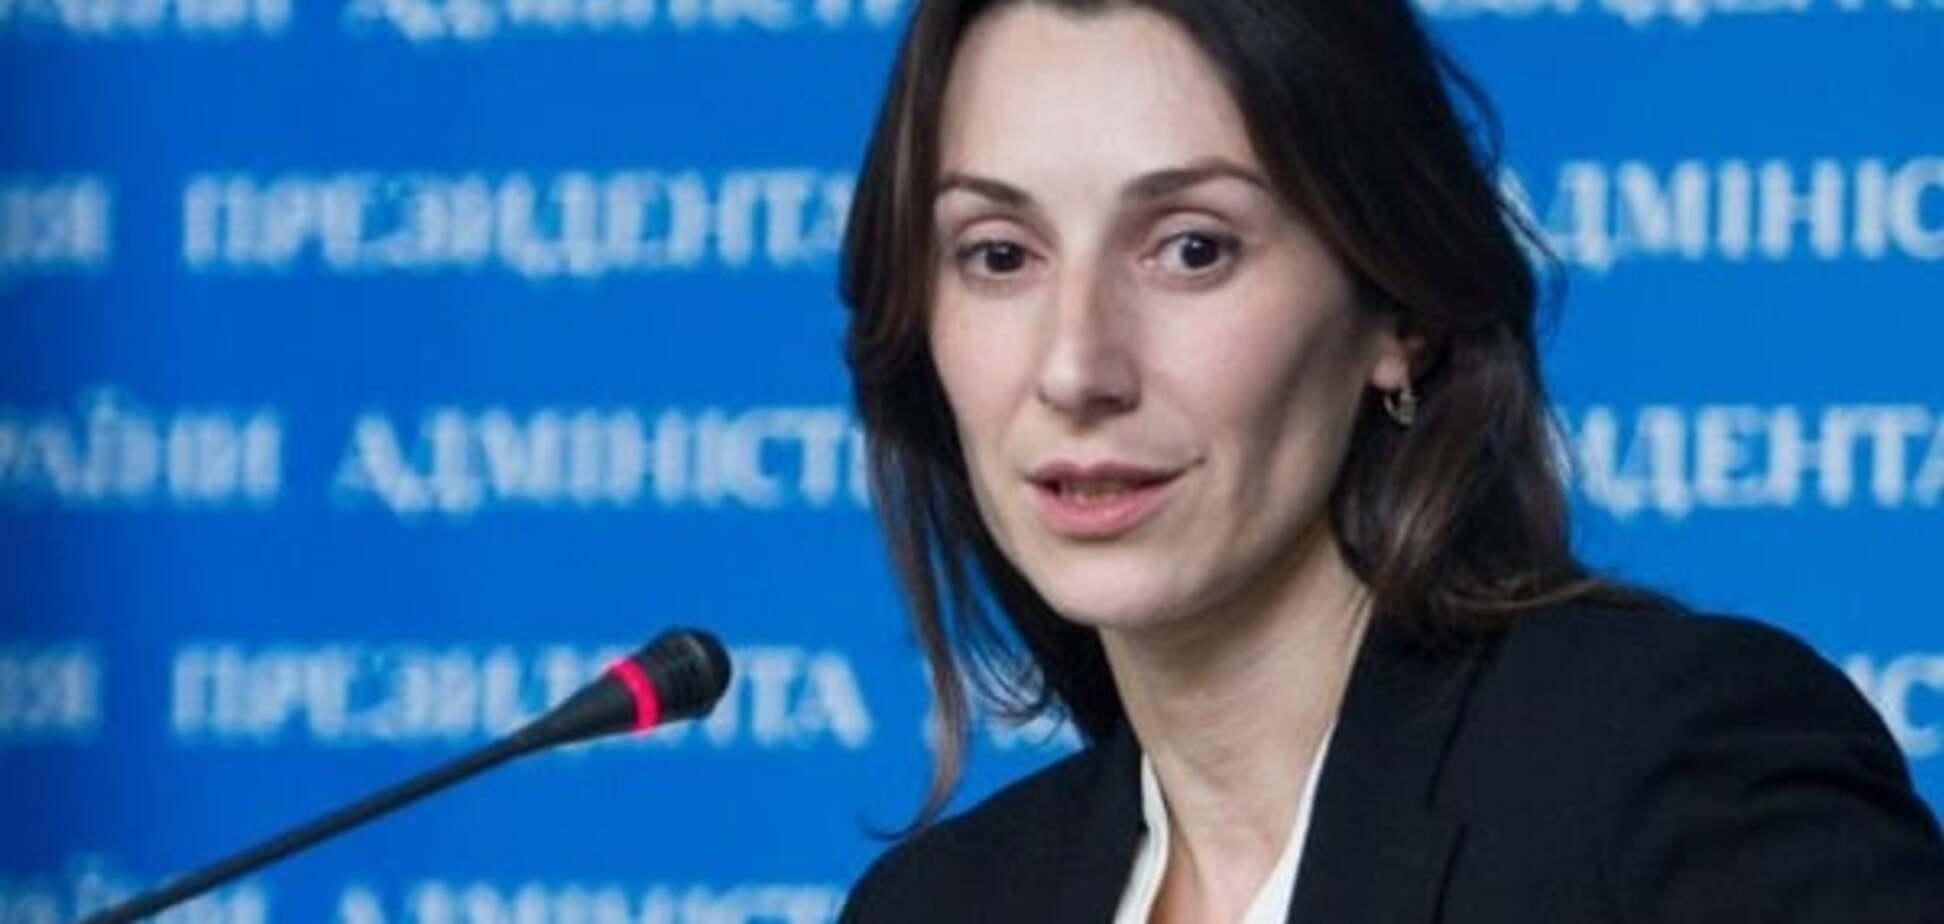 Кабмін оприлюднив розпорядження про звільнення Згуладзе: документ